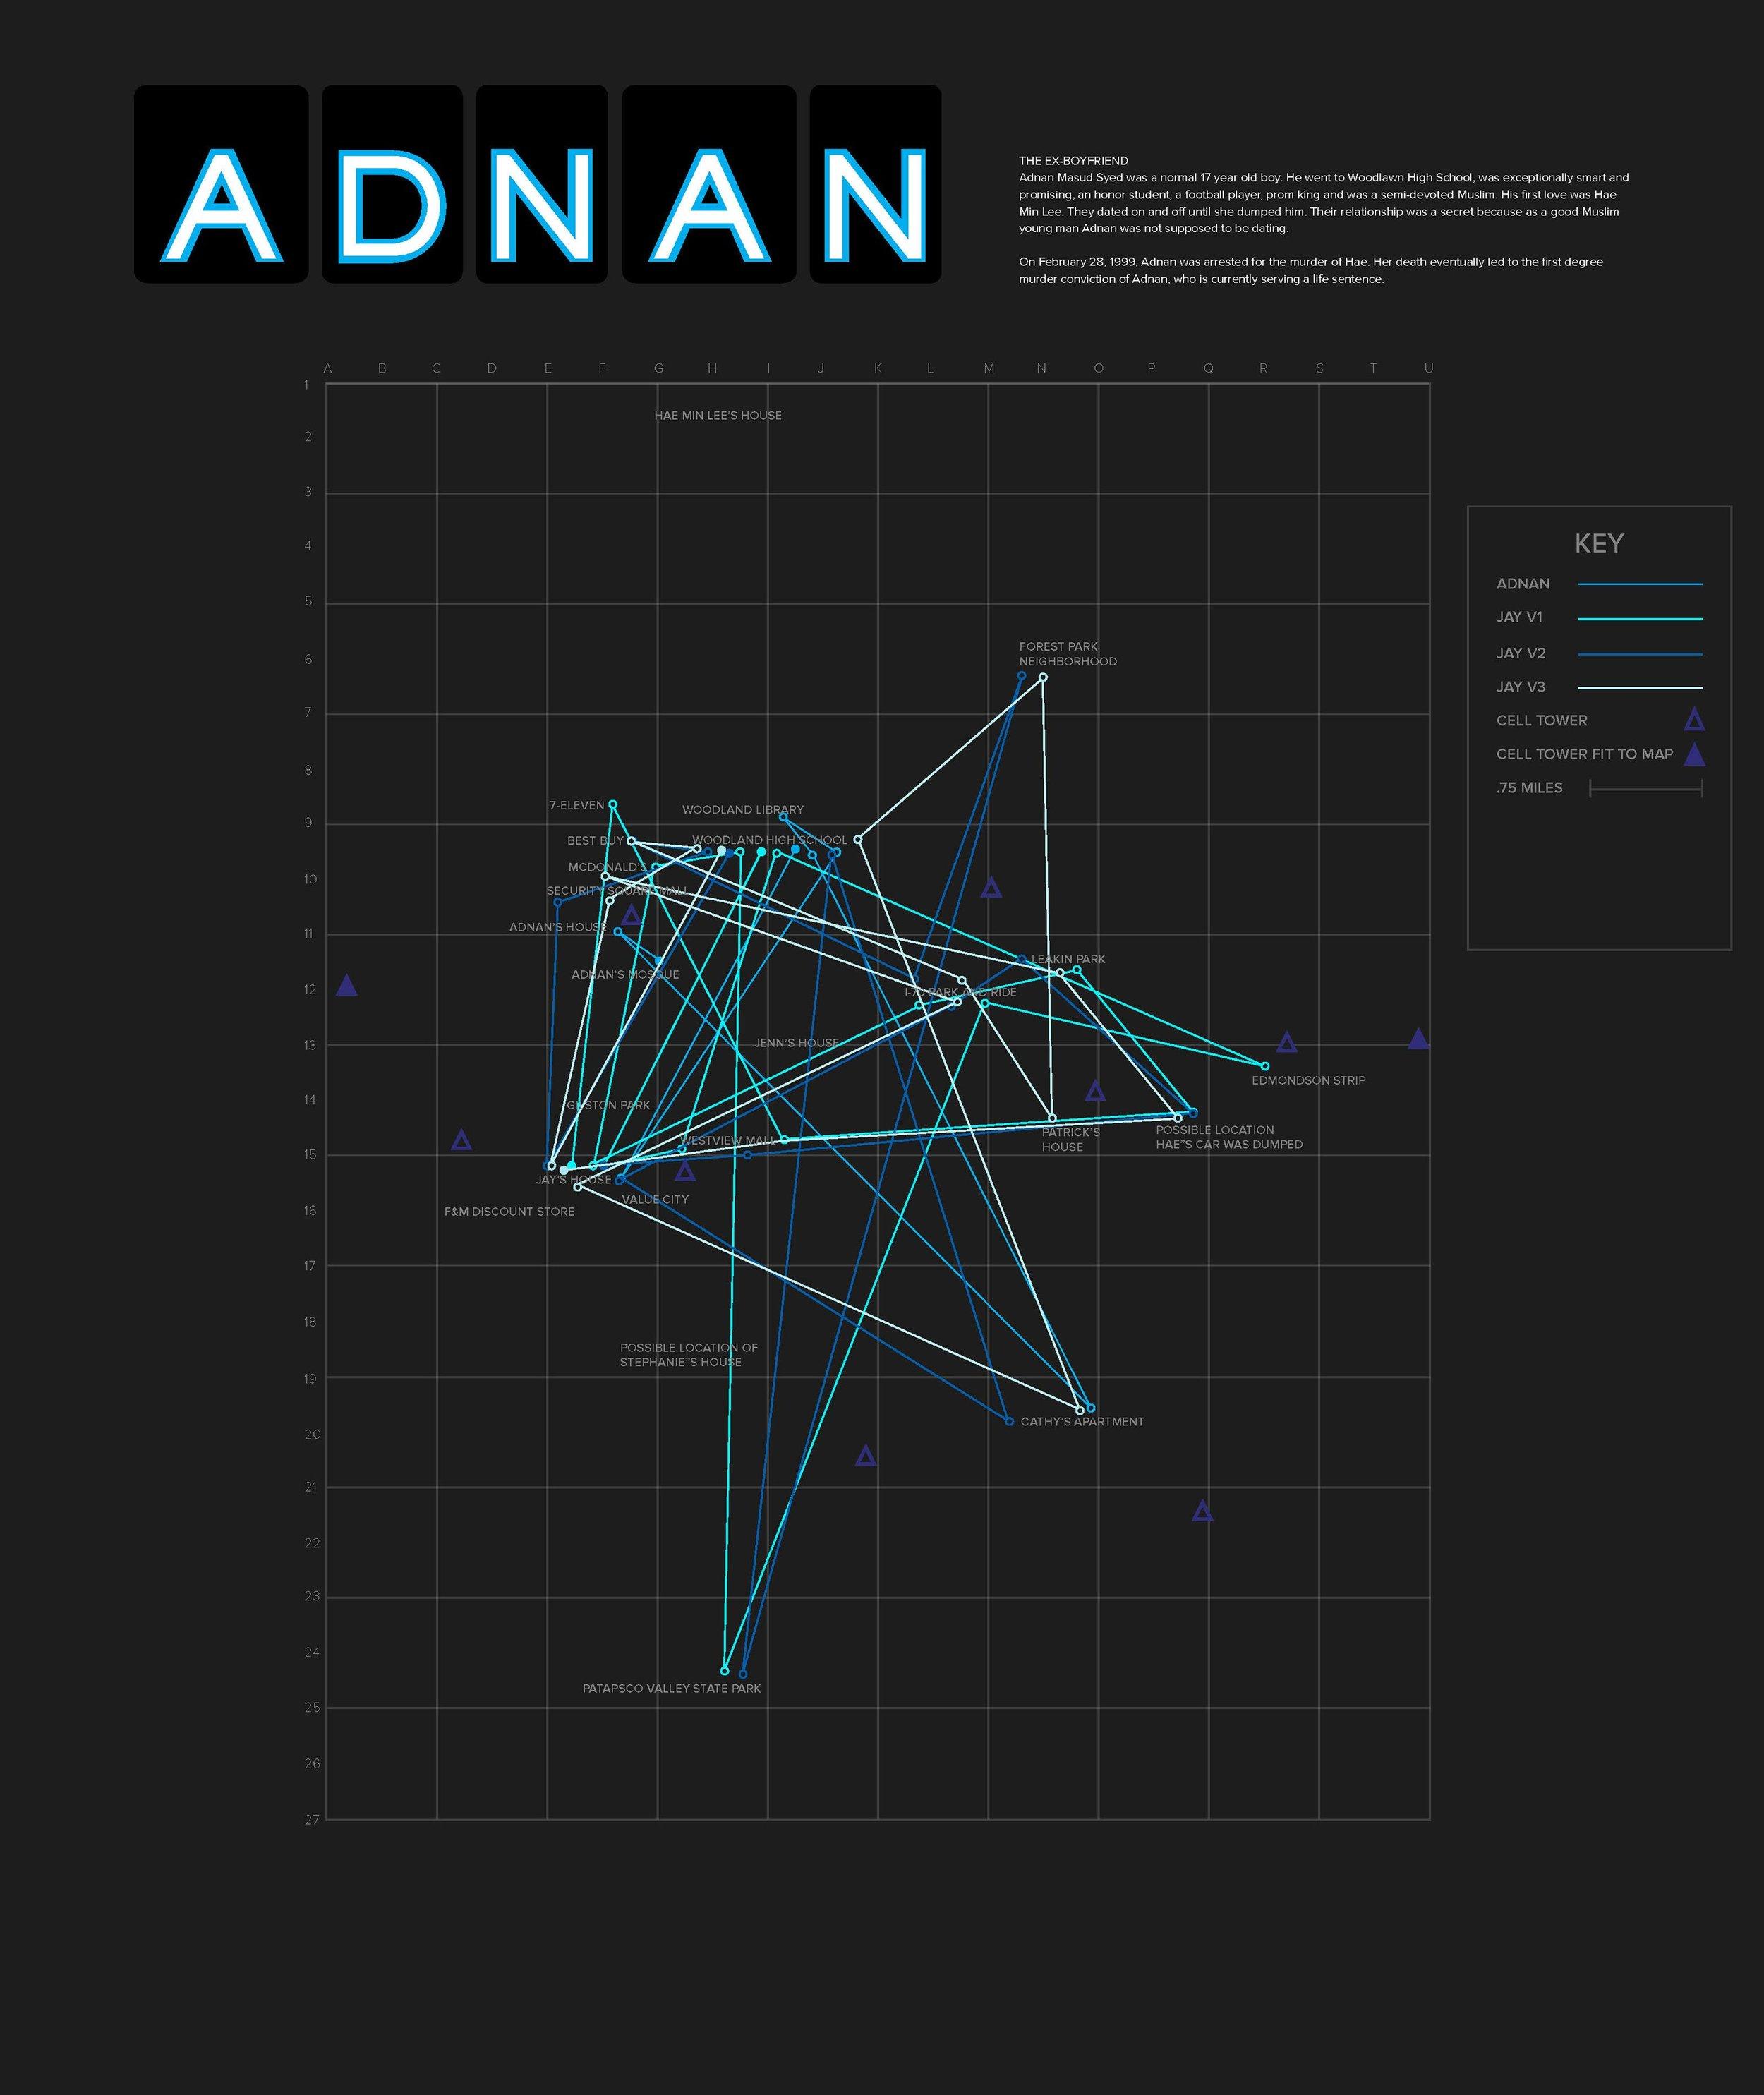 serial_adnan.jpg